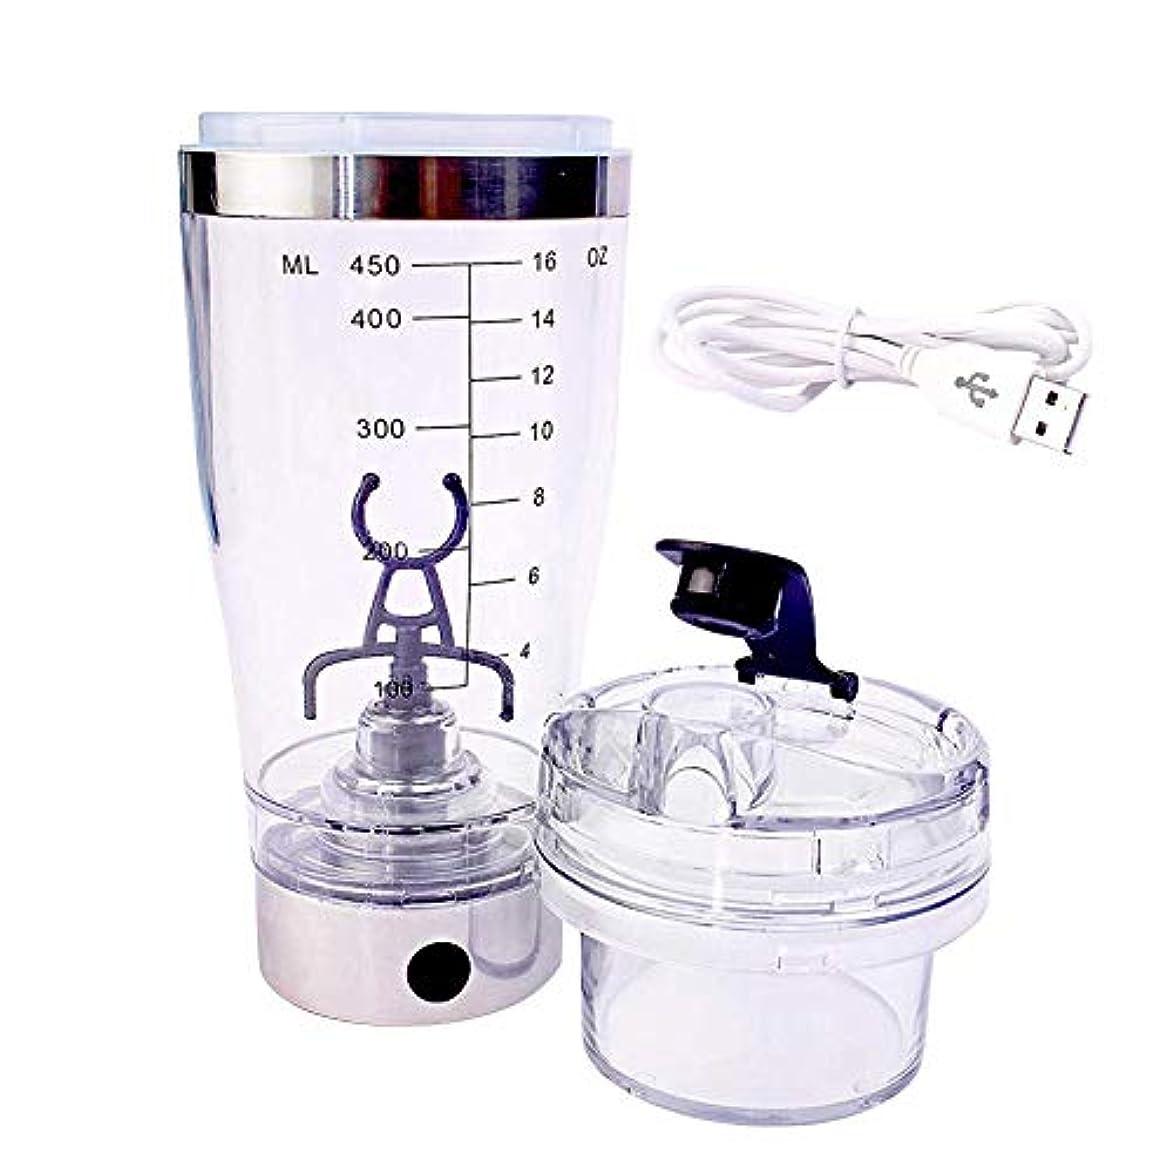 自動攪拌マグカップ 電気 ミキサーボトル USB充電 マグカップ タンブラー ふた付き 二重構造 携帯マグ 水筒 携帯便利 旅行 出張に最適 電動シェーカー ミルクシェイクコーヒー ダーボトル用 混合カップ使い勝 450 ML